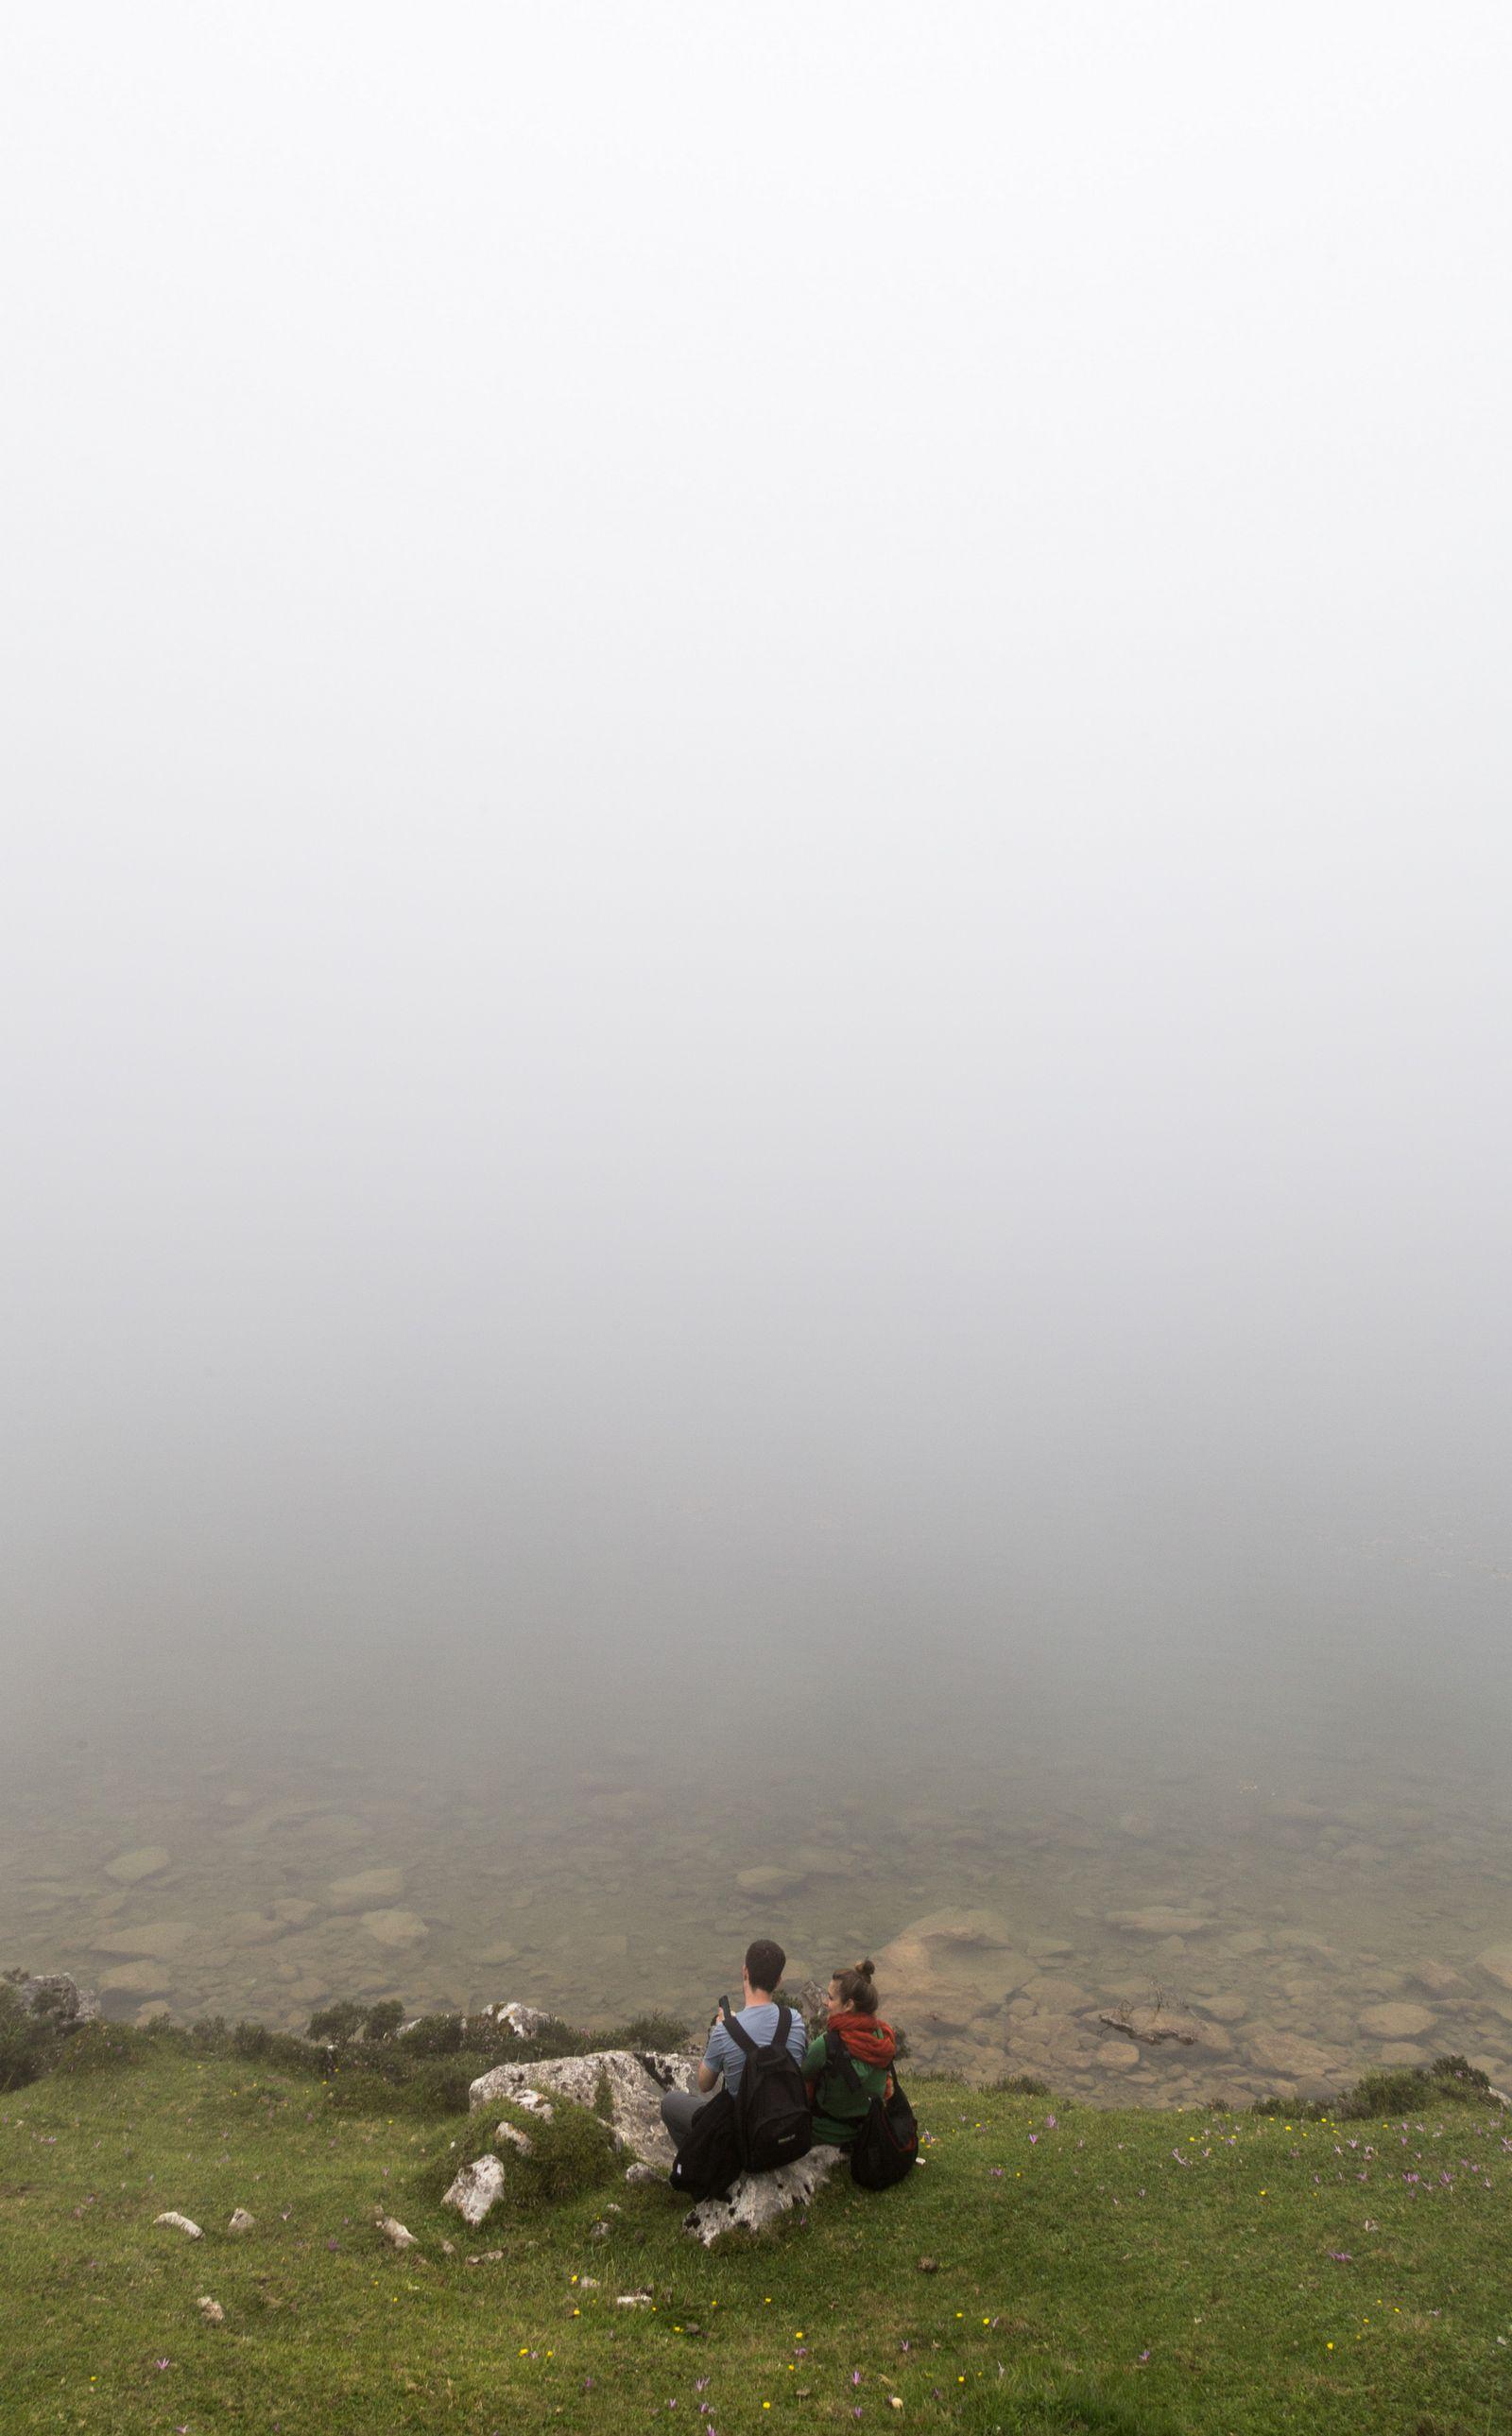 Pero cariño, dijiste que iríamos a un lago...